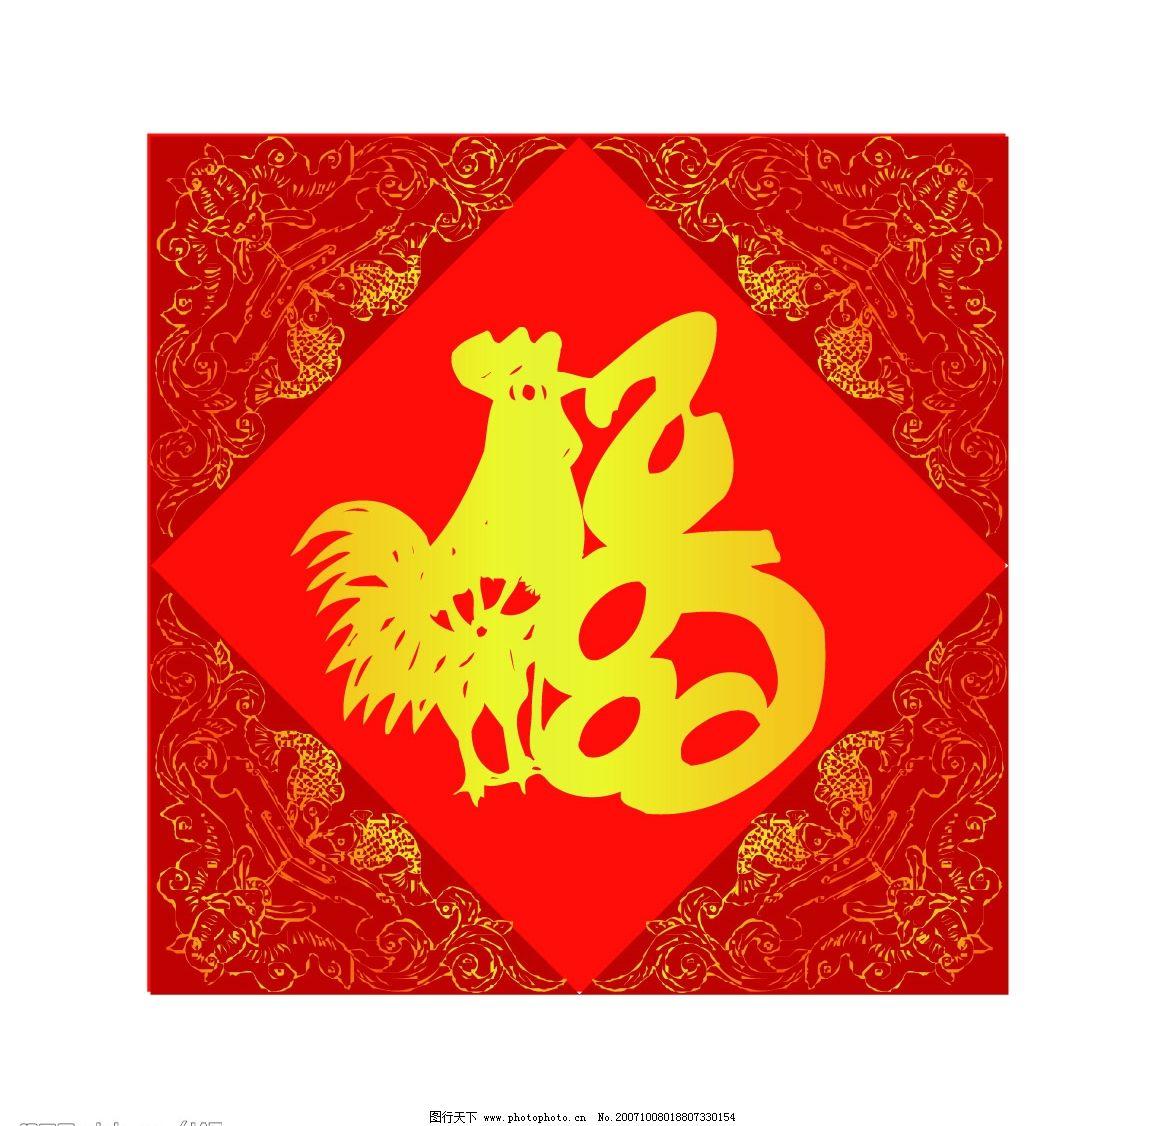 鸡福字 ai 文化艺术 传统文化 动物的福字 矢量图库